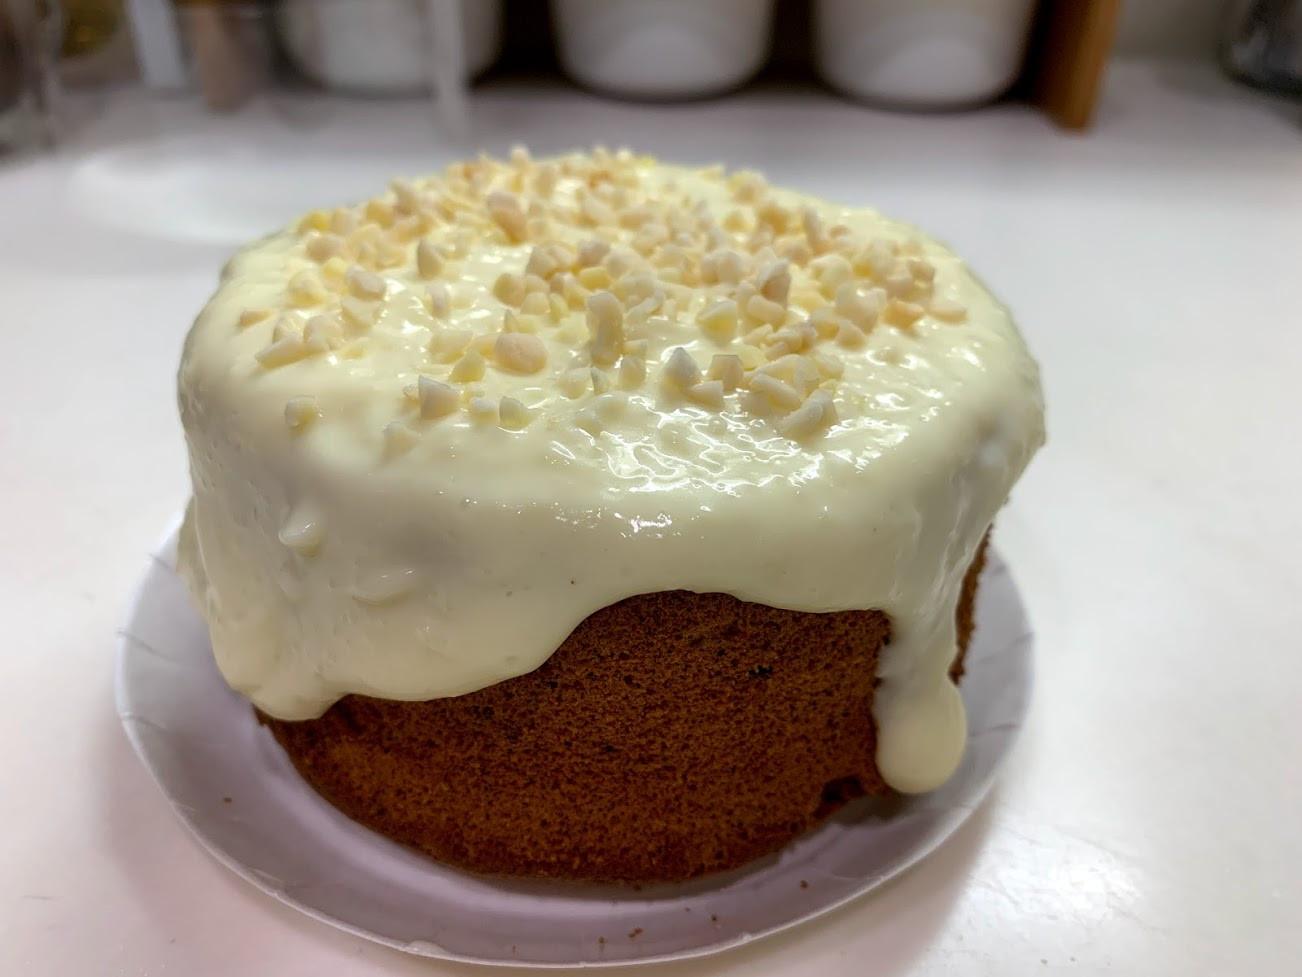 爆漿海鹽奶蓋黑豆糙米蛋糕4吋